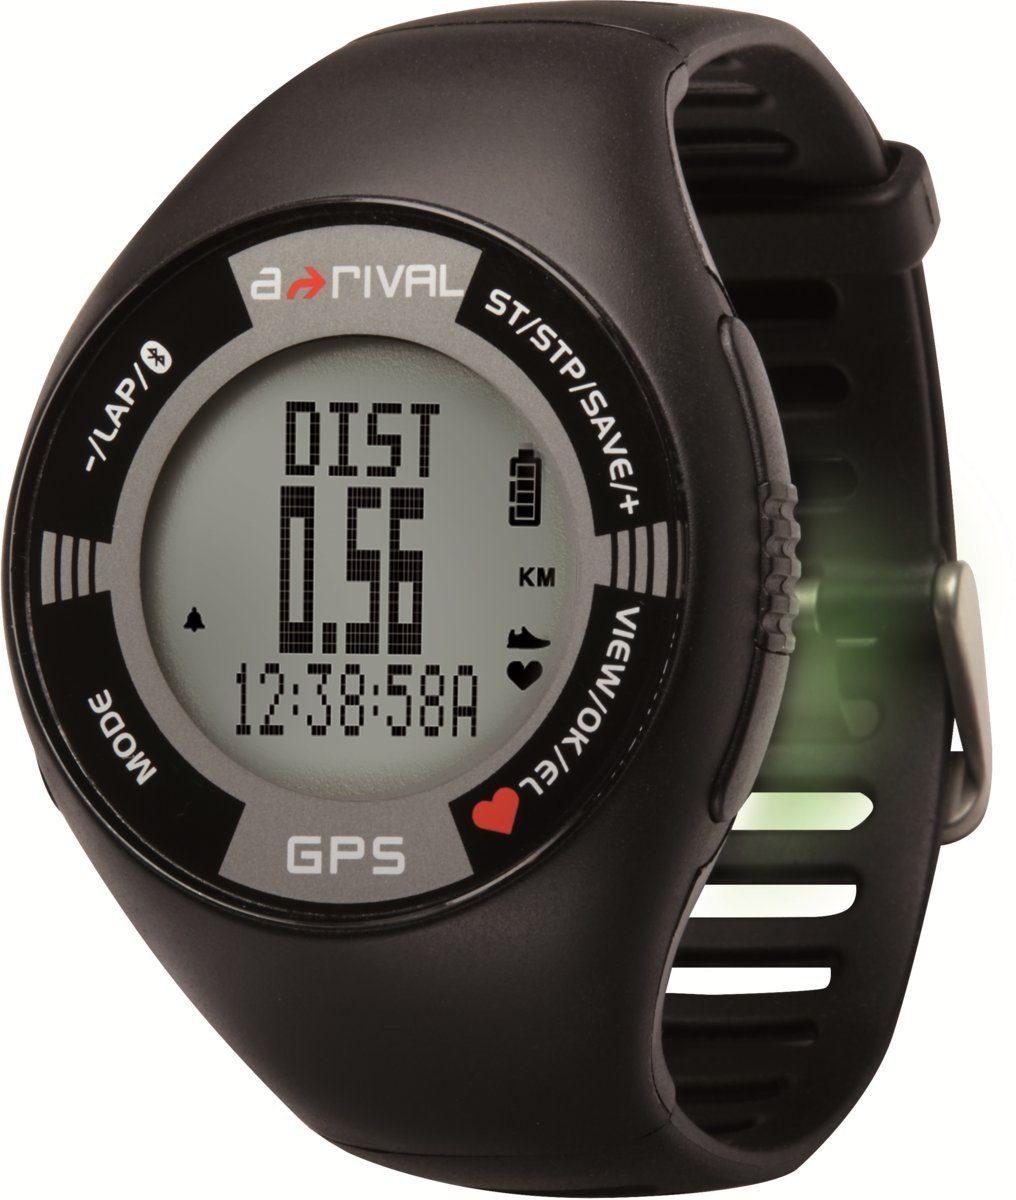 a-rival GPS-Uhr »SpoQ HR (mit Herzfrequenzmessung)«